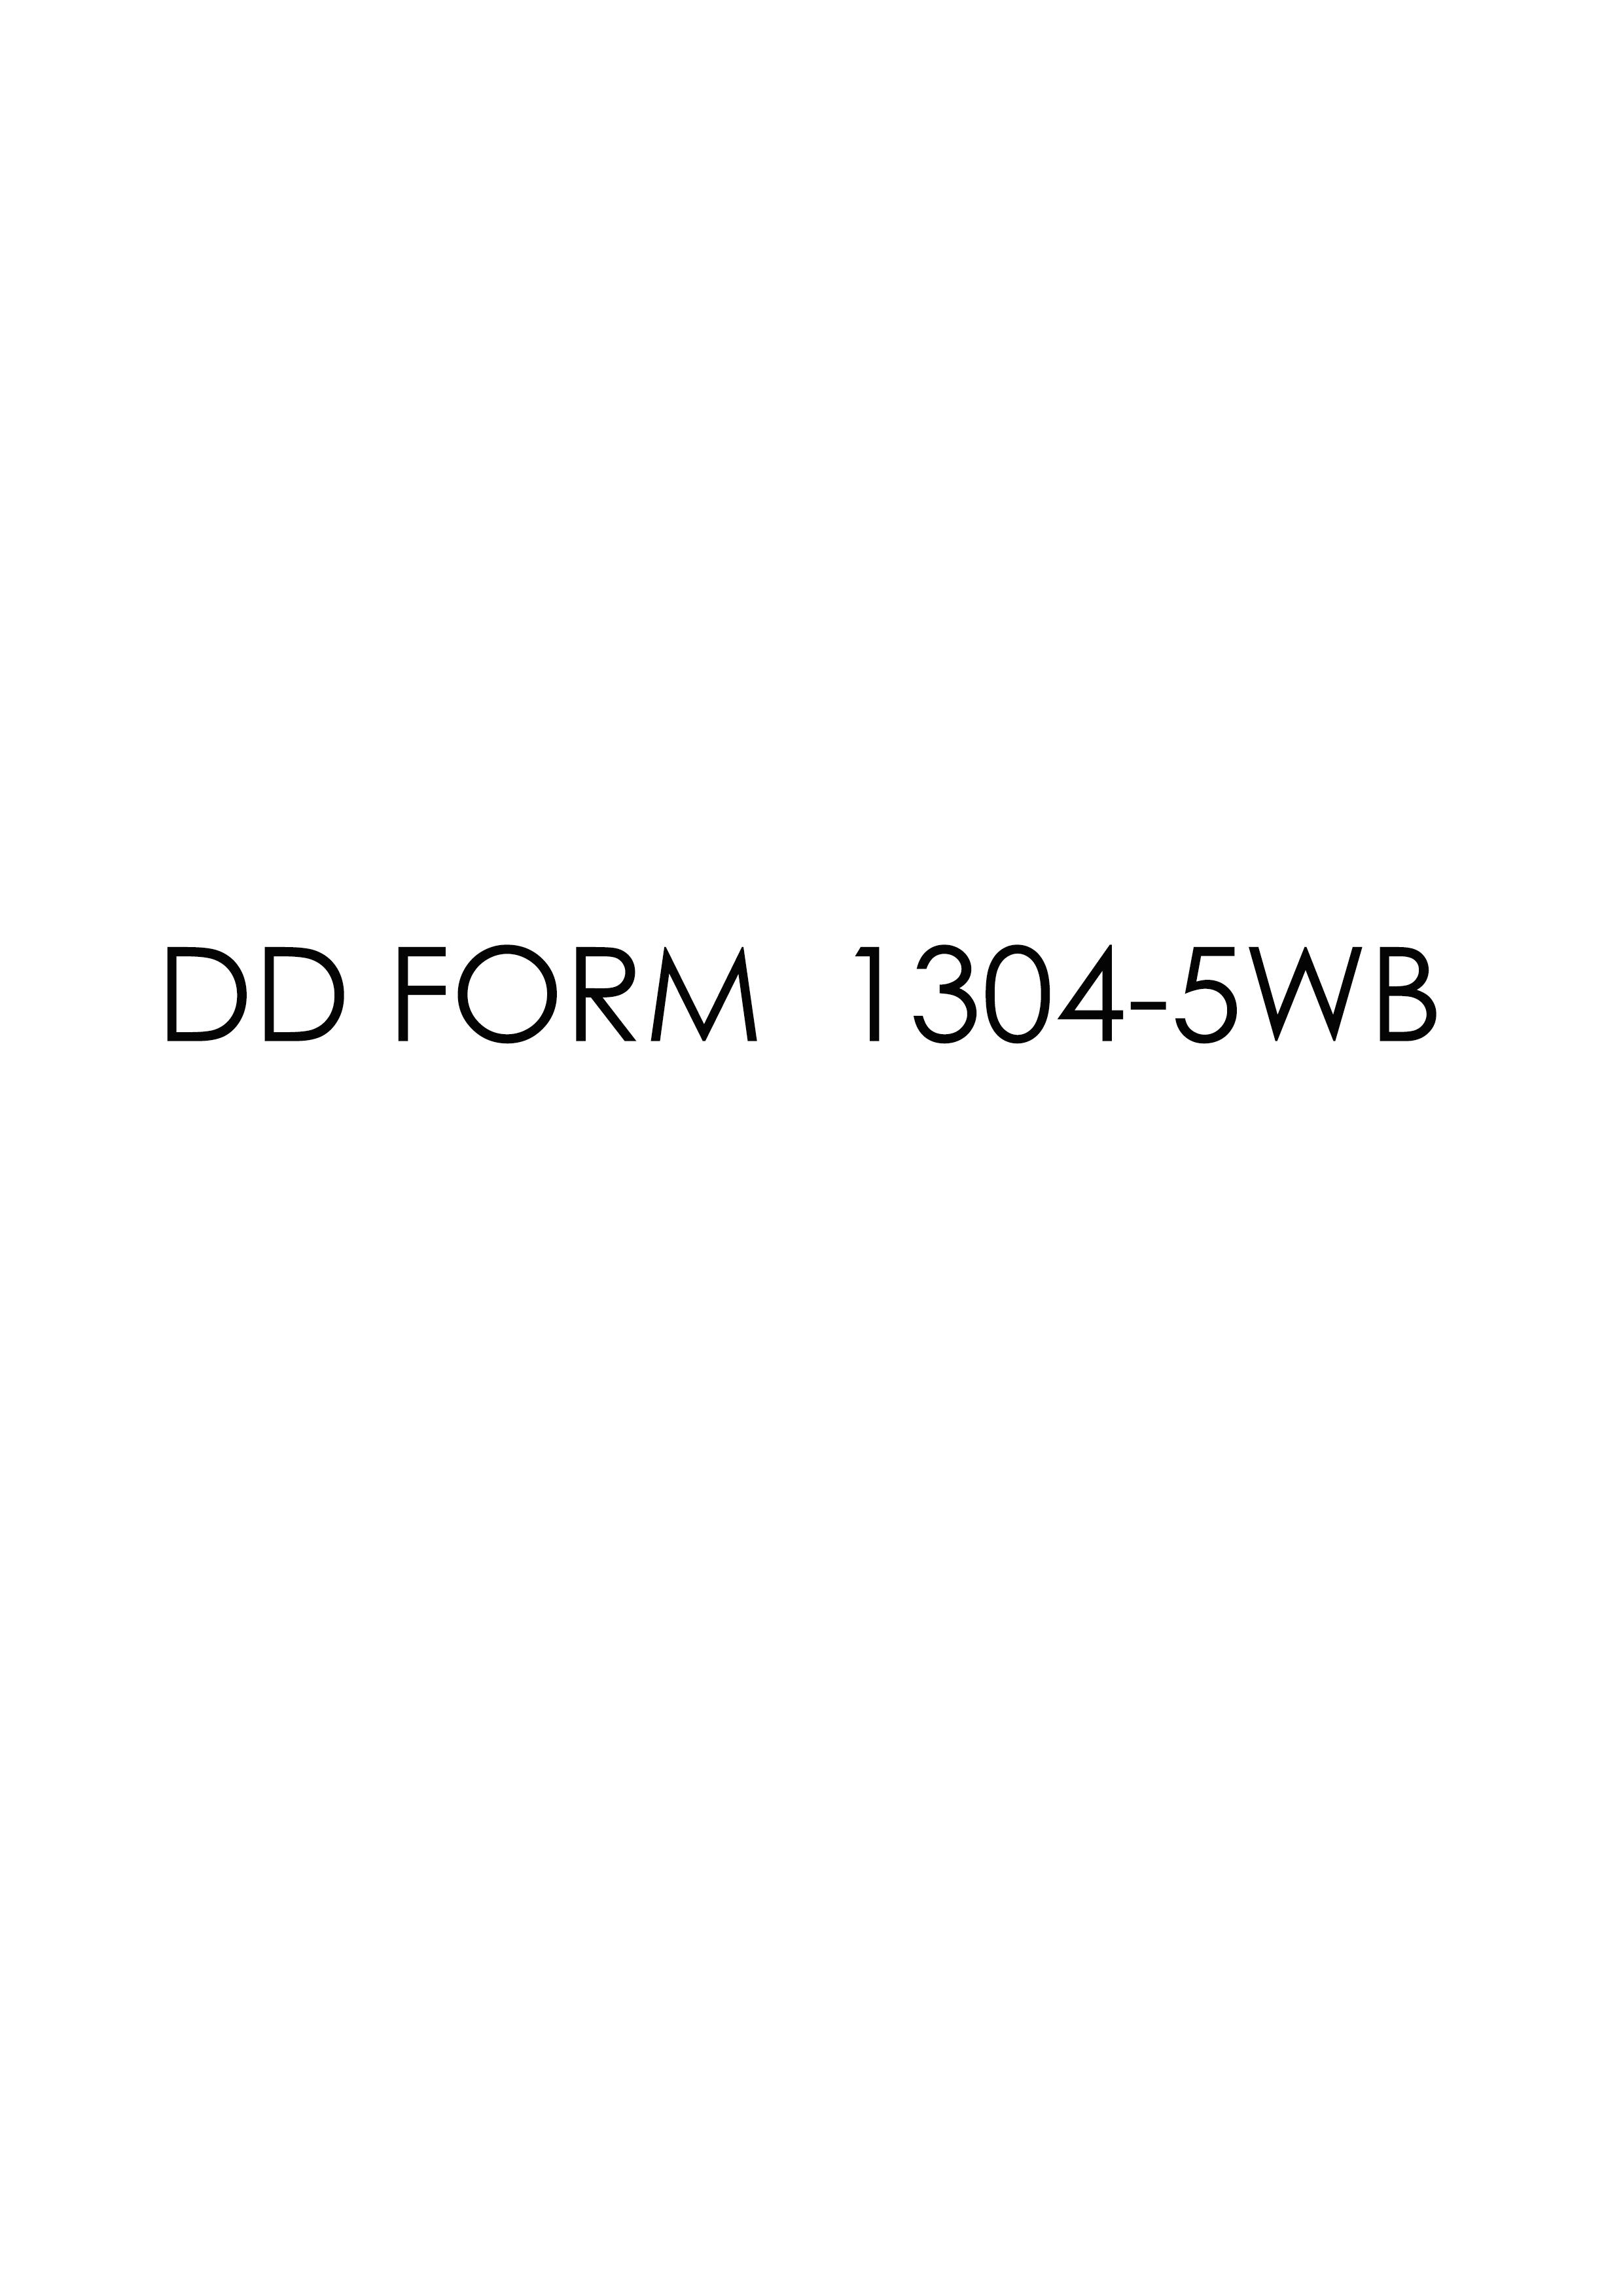 Download dd Form 1304-5WB Free